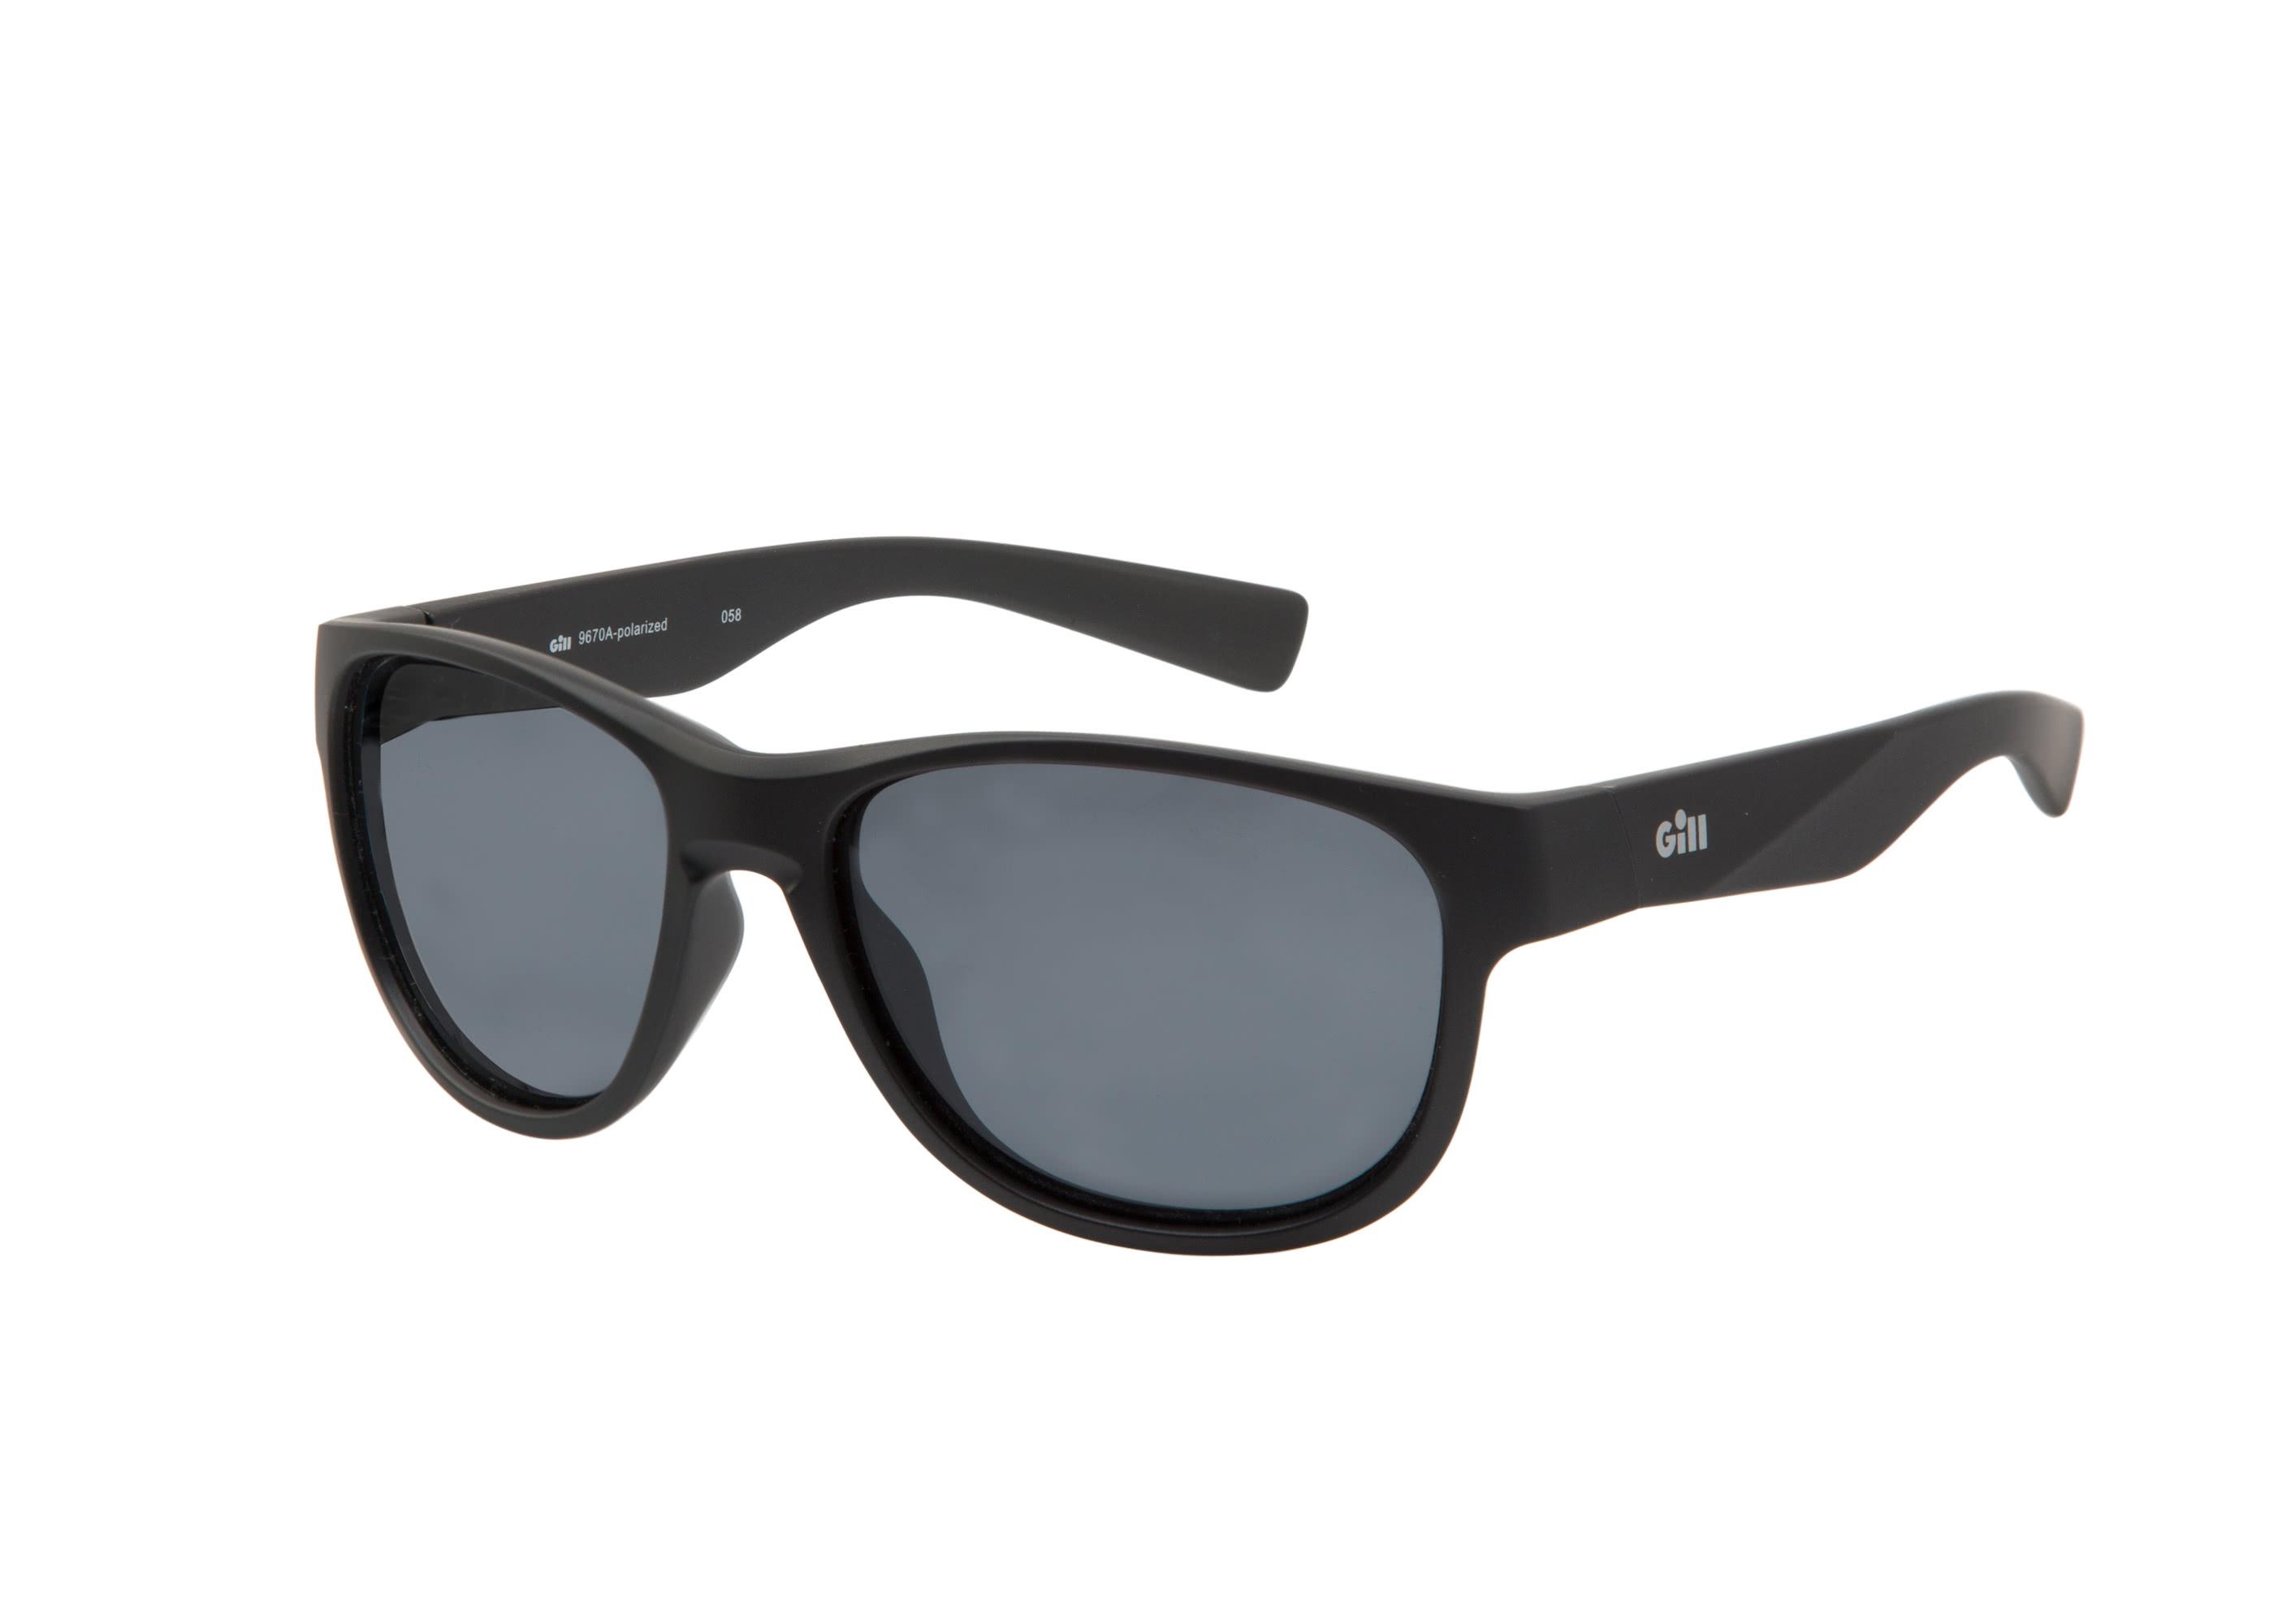 47257_GILL-Sonnenbrille-Coastel-sch.jpg